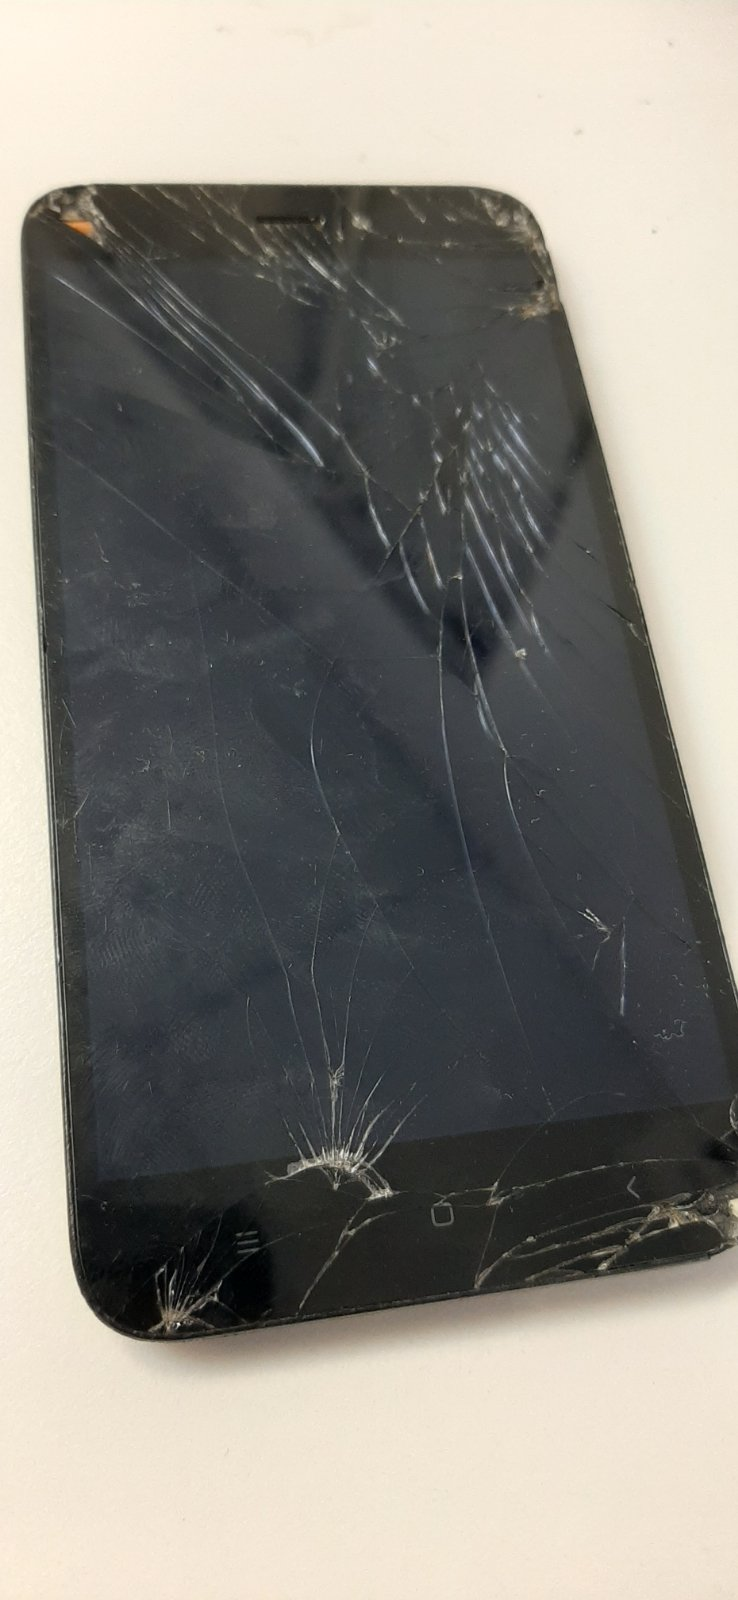 Cтоит ли менять дисплей на телефоне